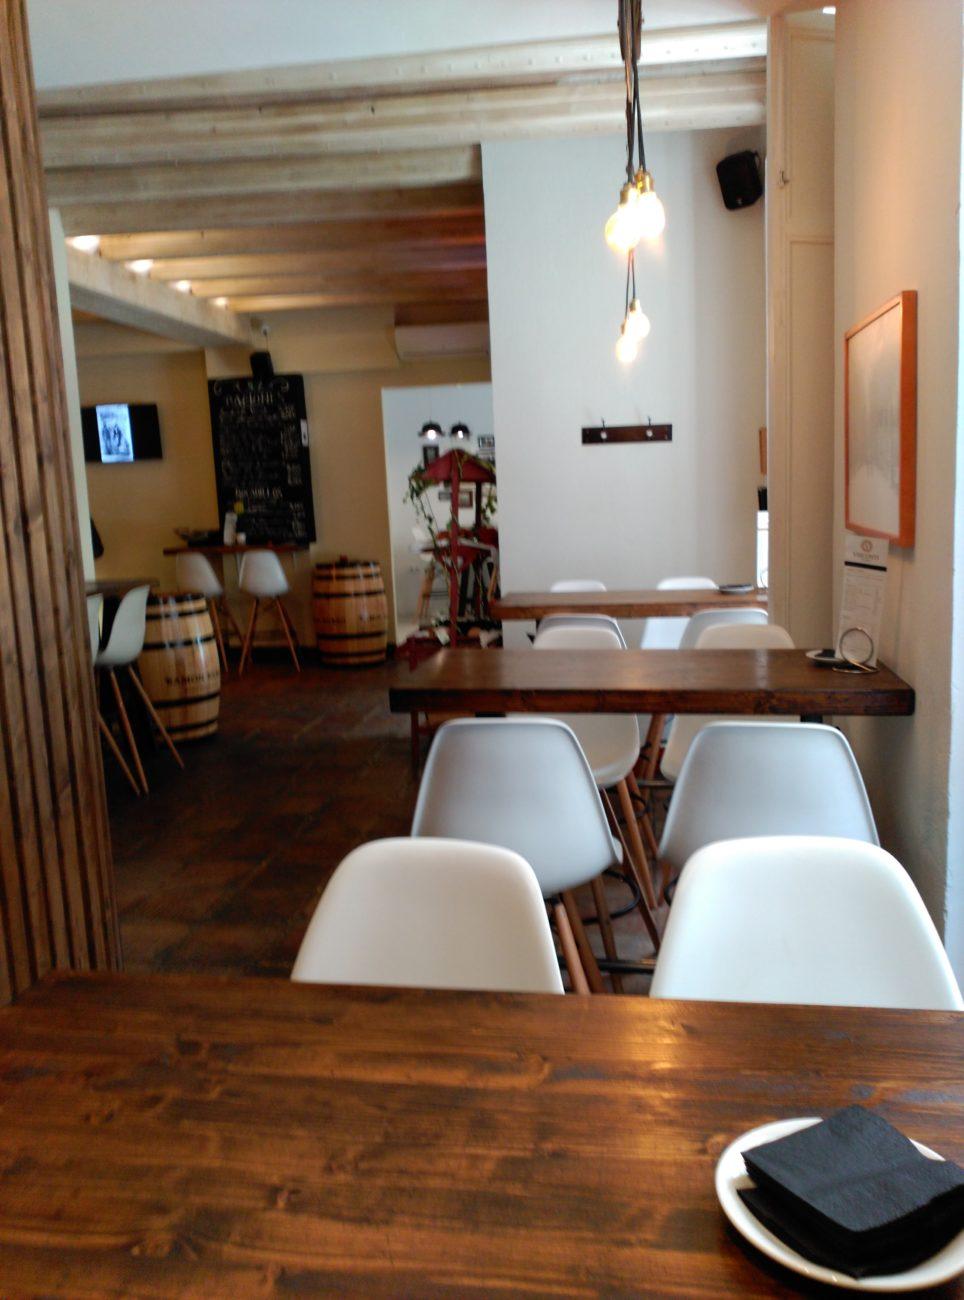 Vista Zona Gastro, Visconti. Decoración de interior Inma Gregori 2015.